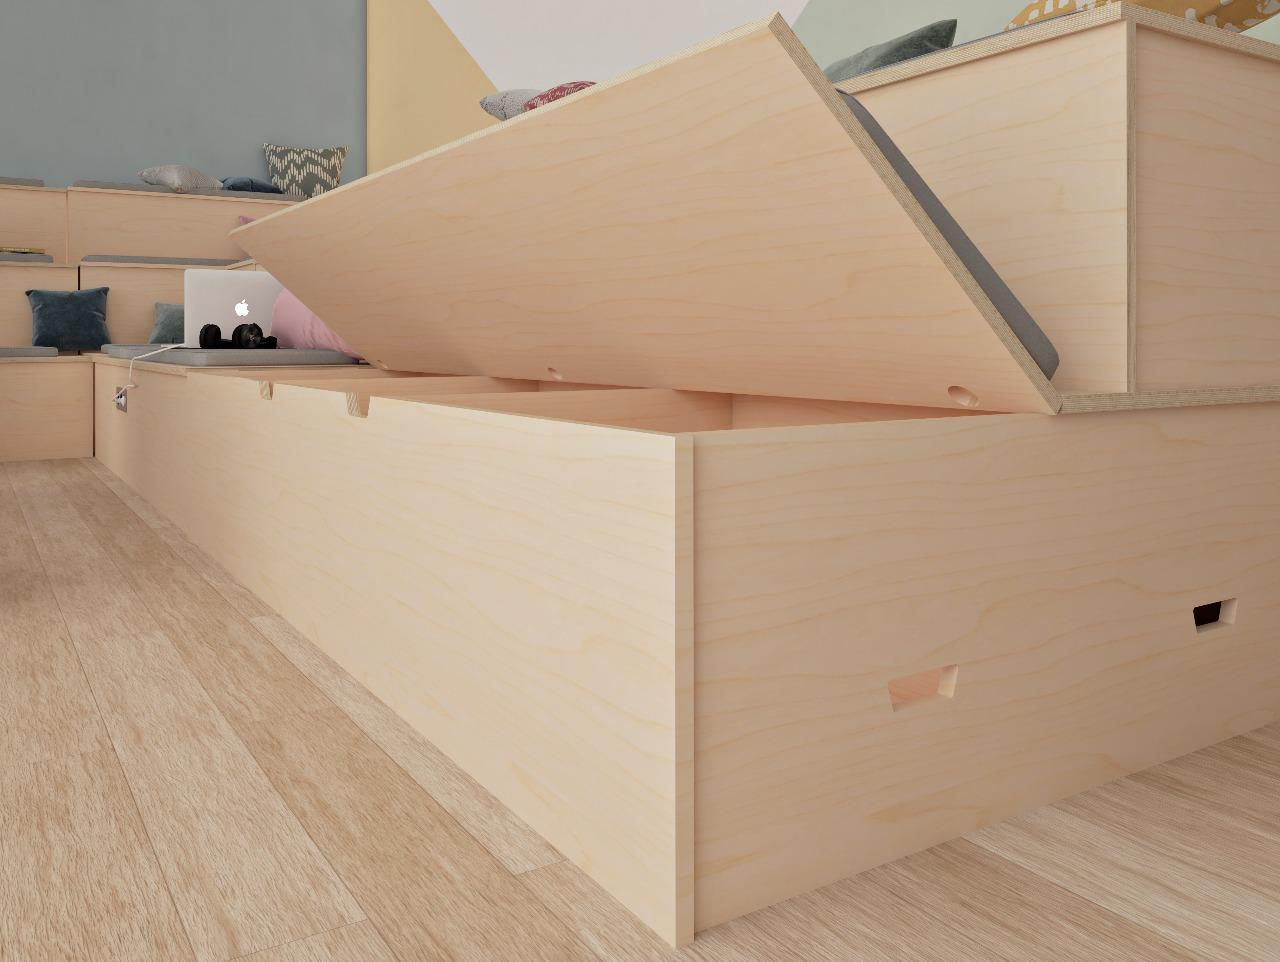 Coffre de rangement qui s'ouvre dans une banquette en bois sur 3 niveaux décorée de plusieurs coussins colorés et accessoirisée de prises électriques pour brancher les ordinateurs